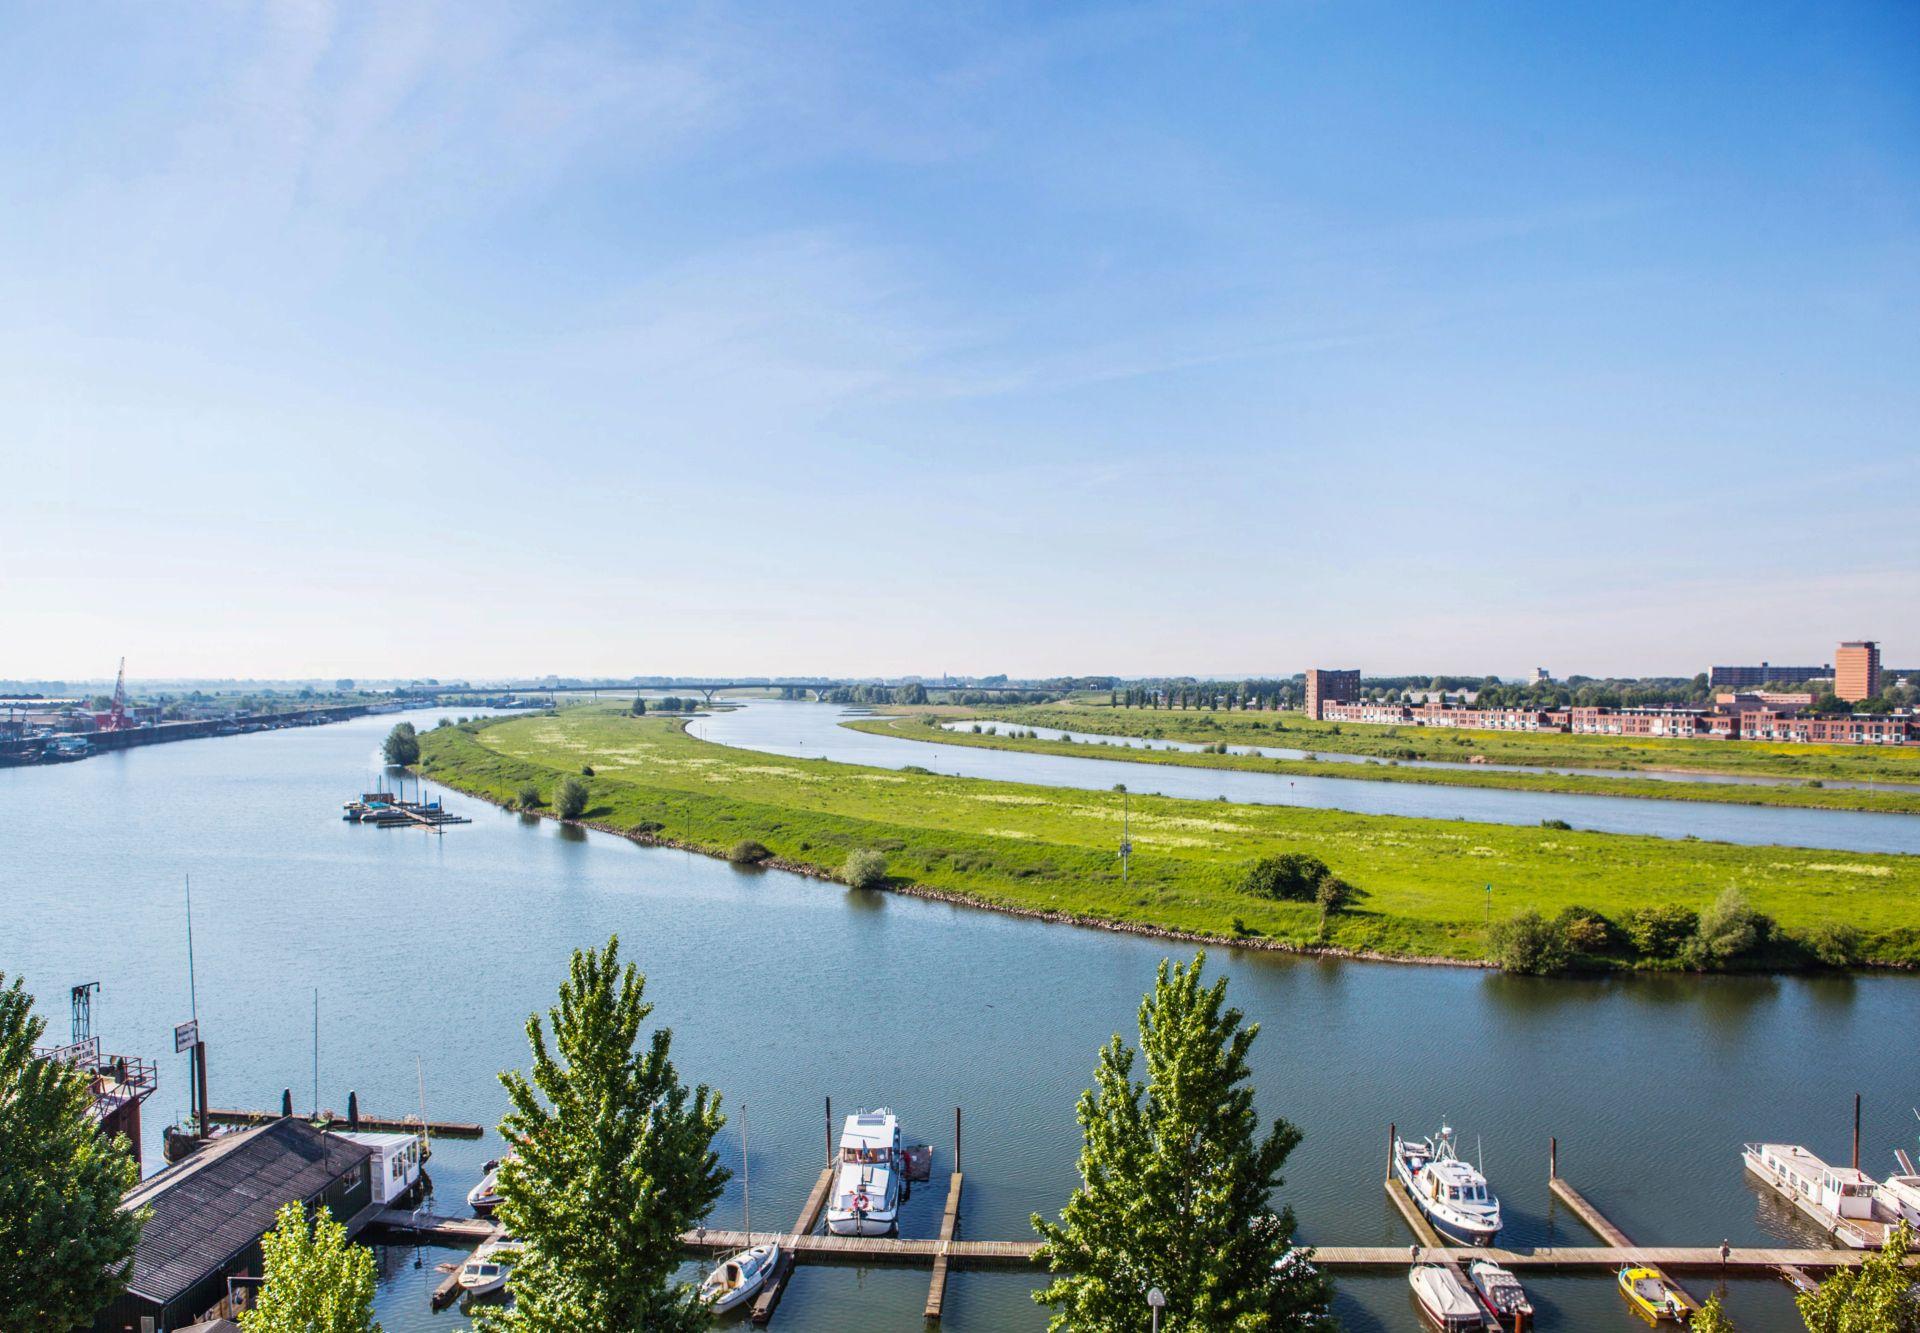 Uitzicht op de Rijn vanuit het archiefgebouw